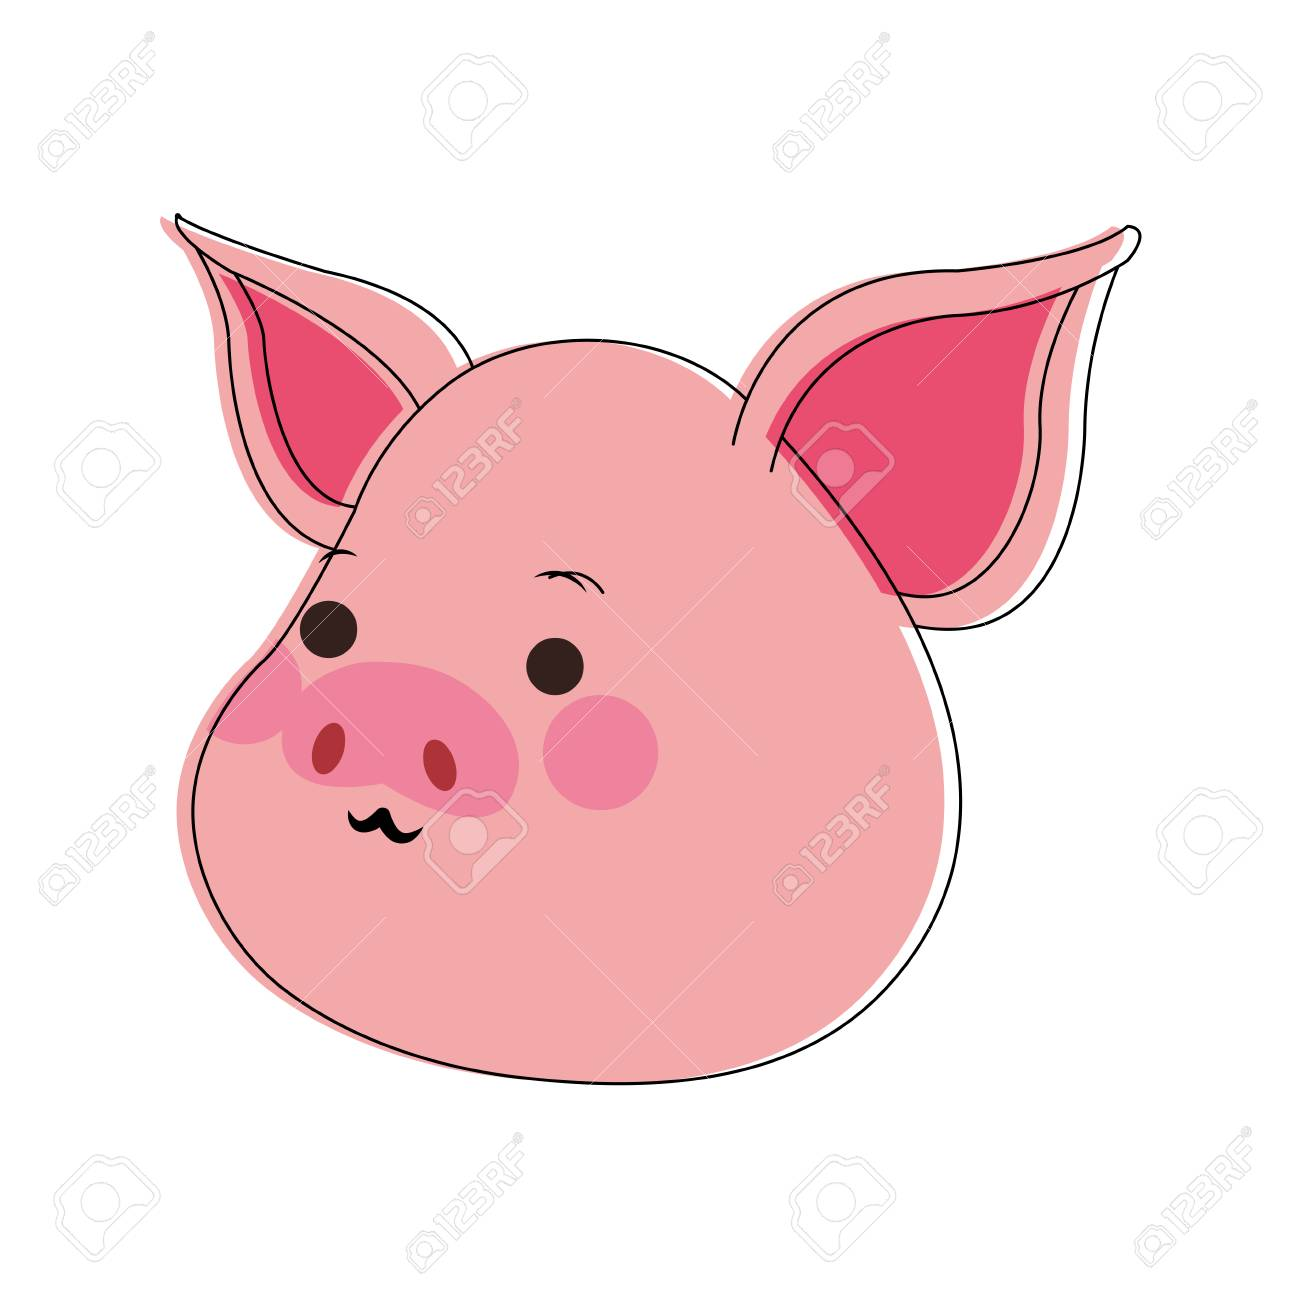 豚かわいい漫画のアイコン ベクトル イラストグラフィック デザイン